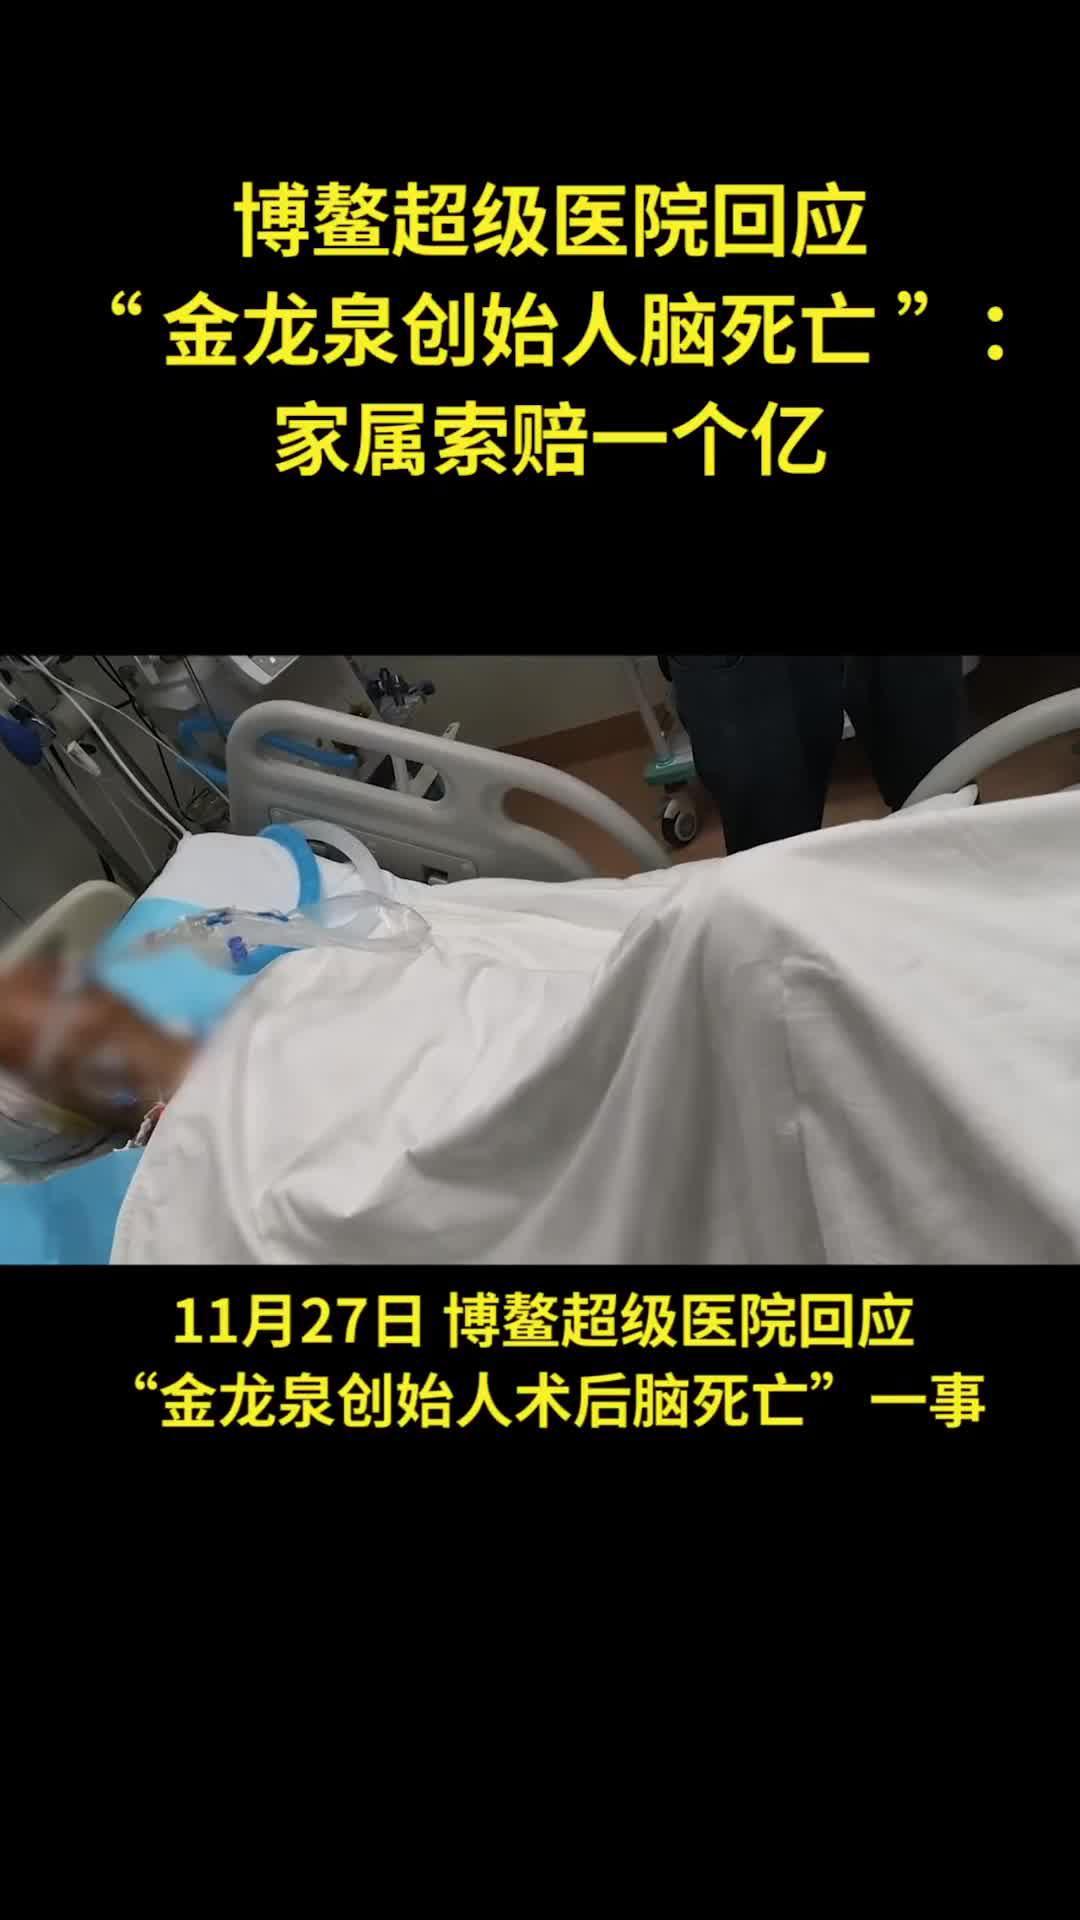 """博鳌超级医院回应""""金龙泉创始人脑死亡"""":家属索赔一个亿"""